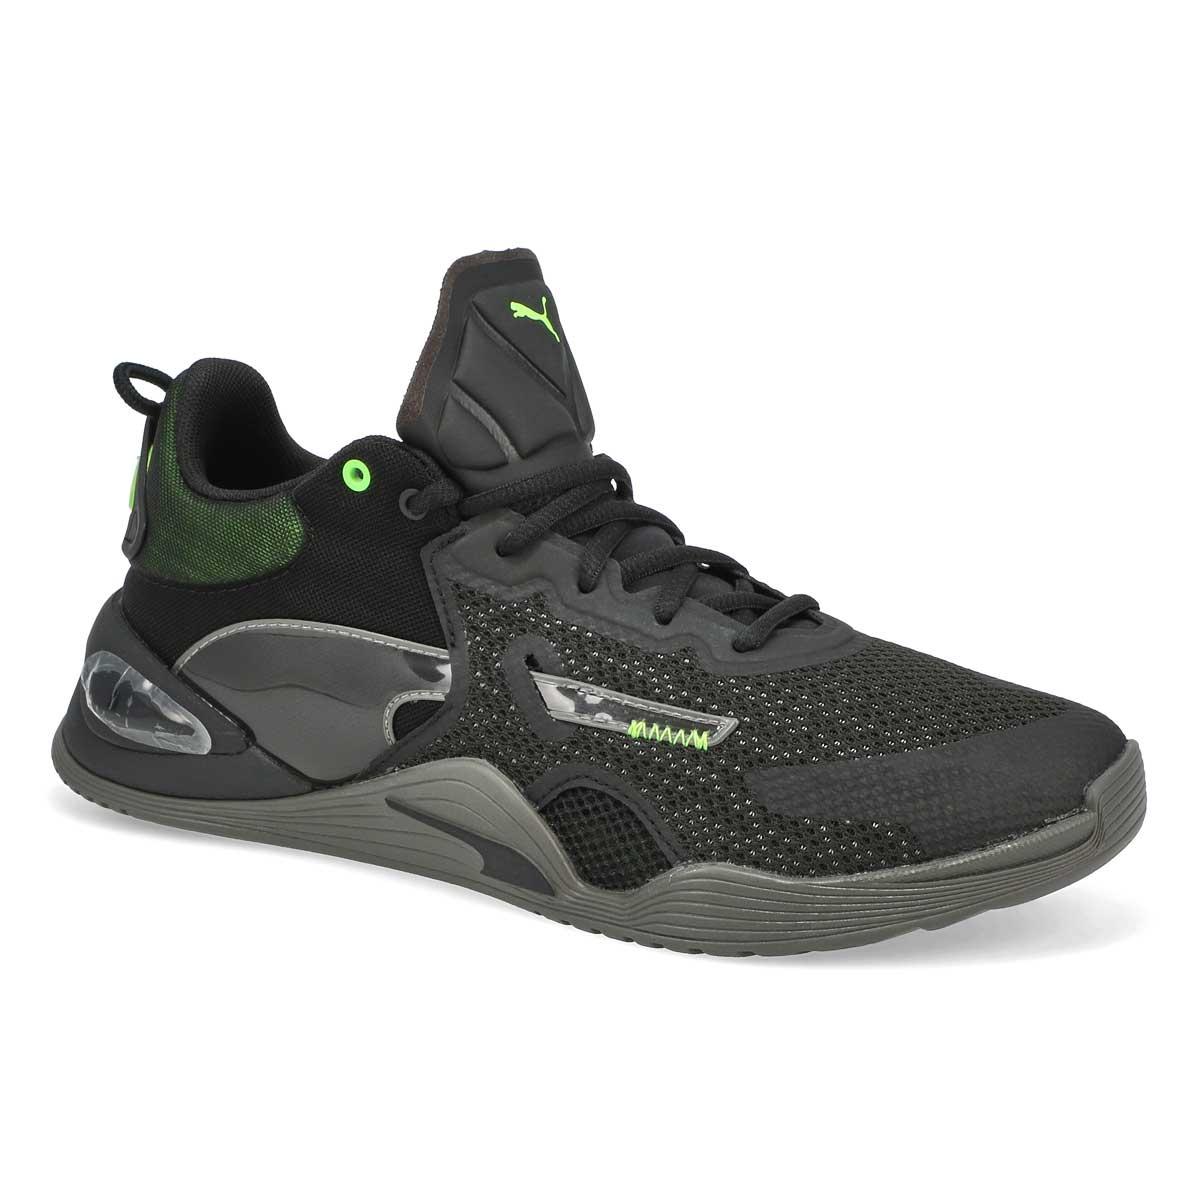 Men's Fuse Sneaker- Castlerock